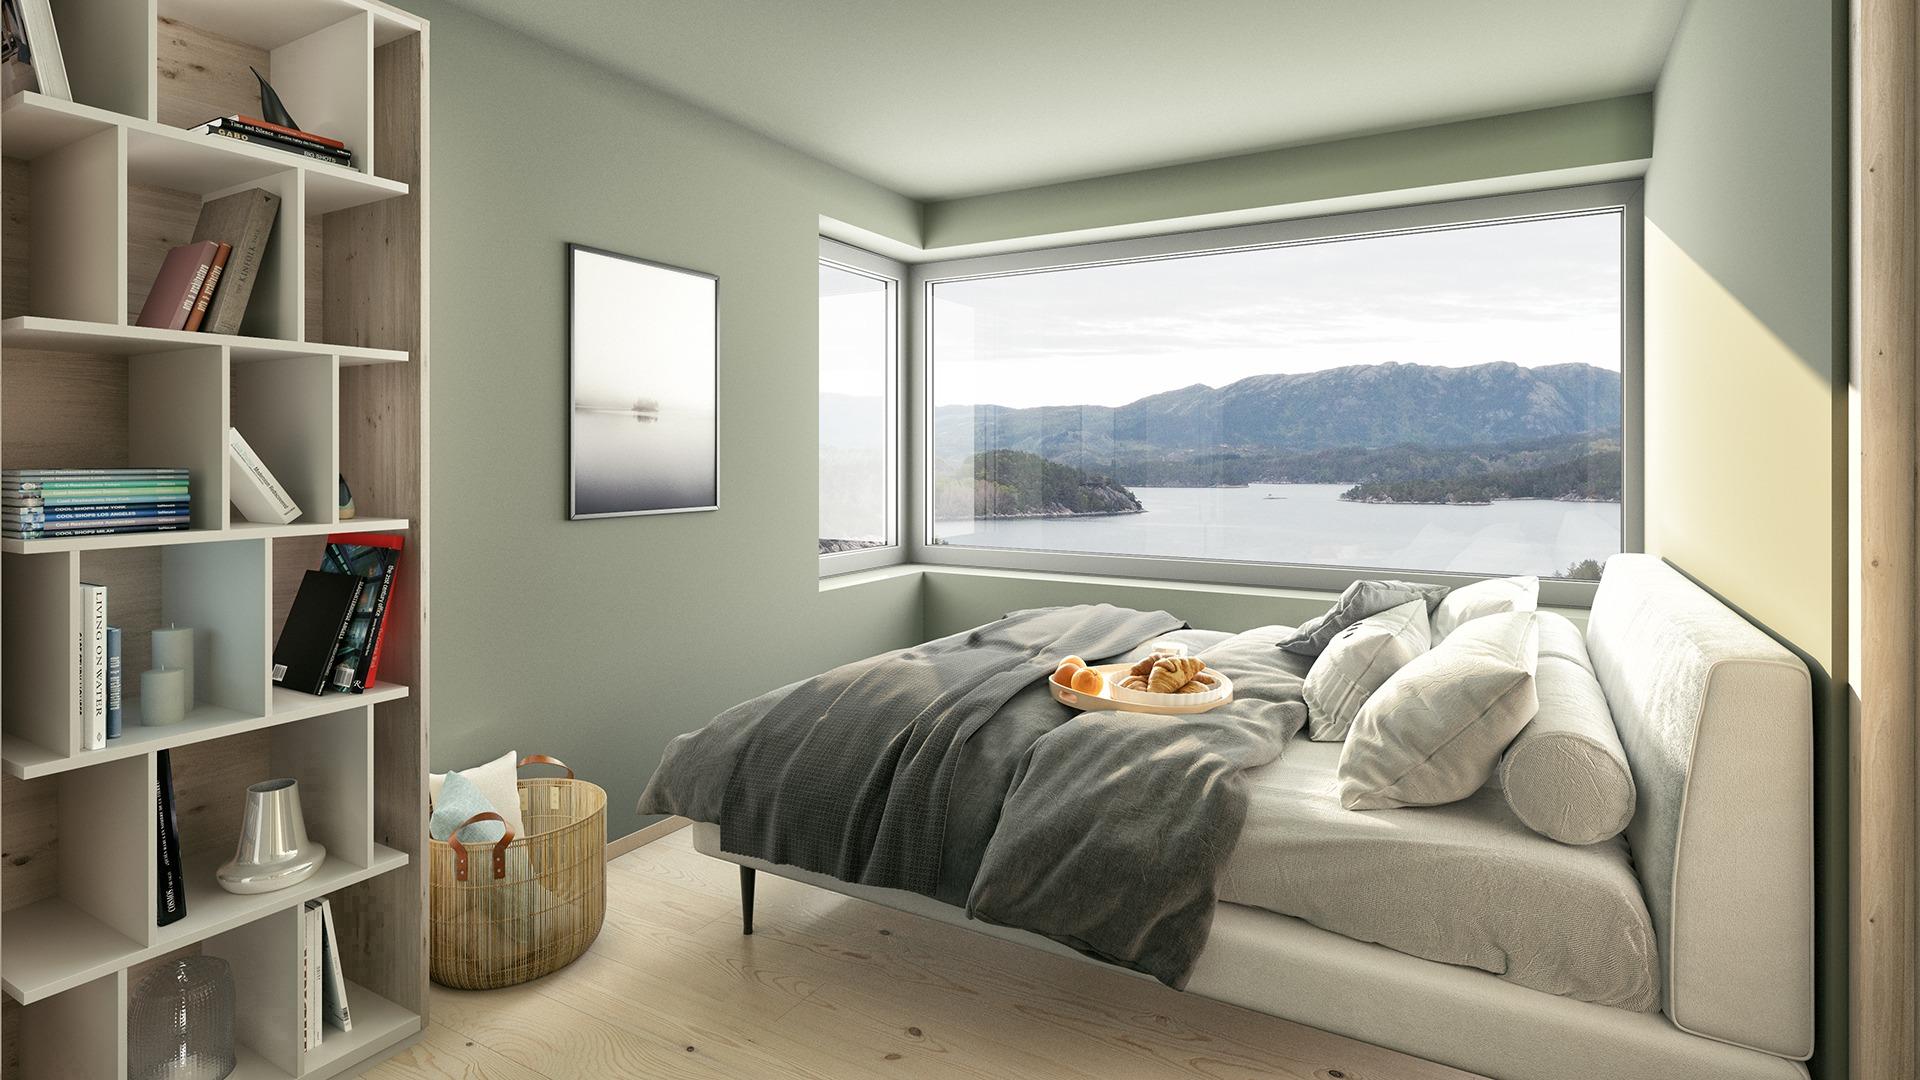 Tenkt deg å våkne til denne utsikten